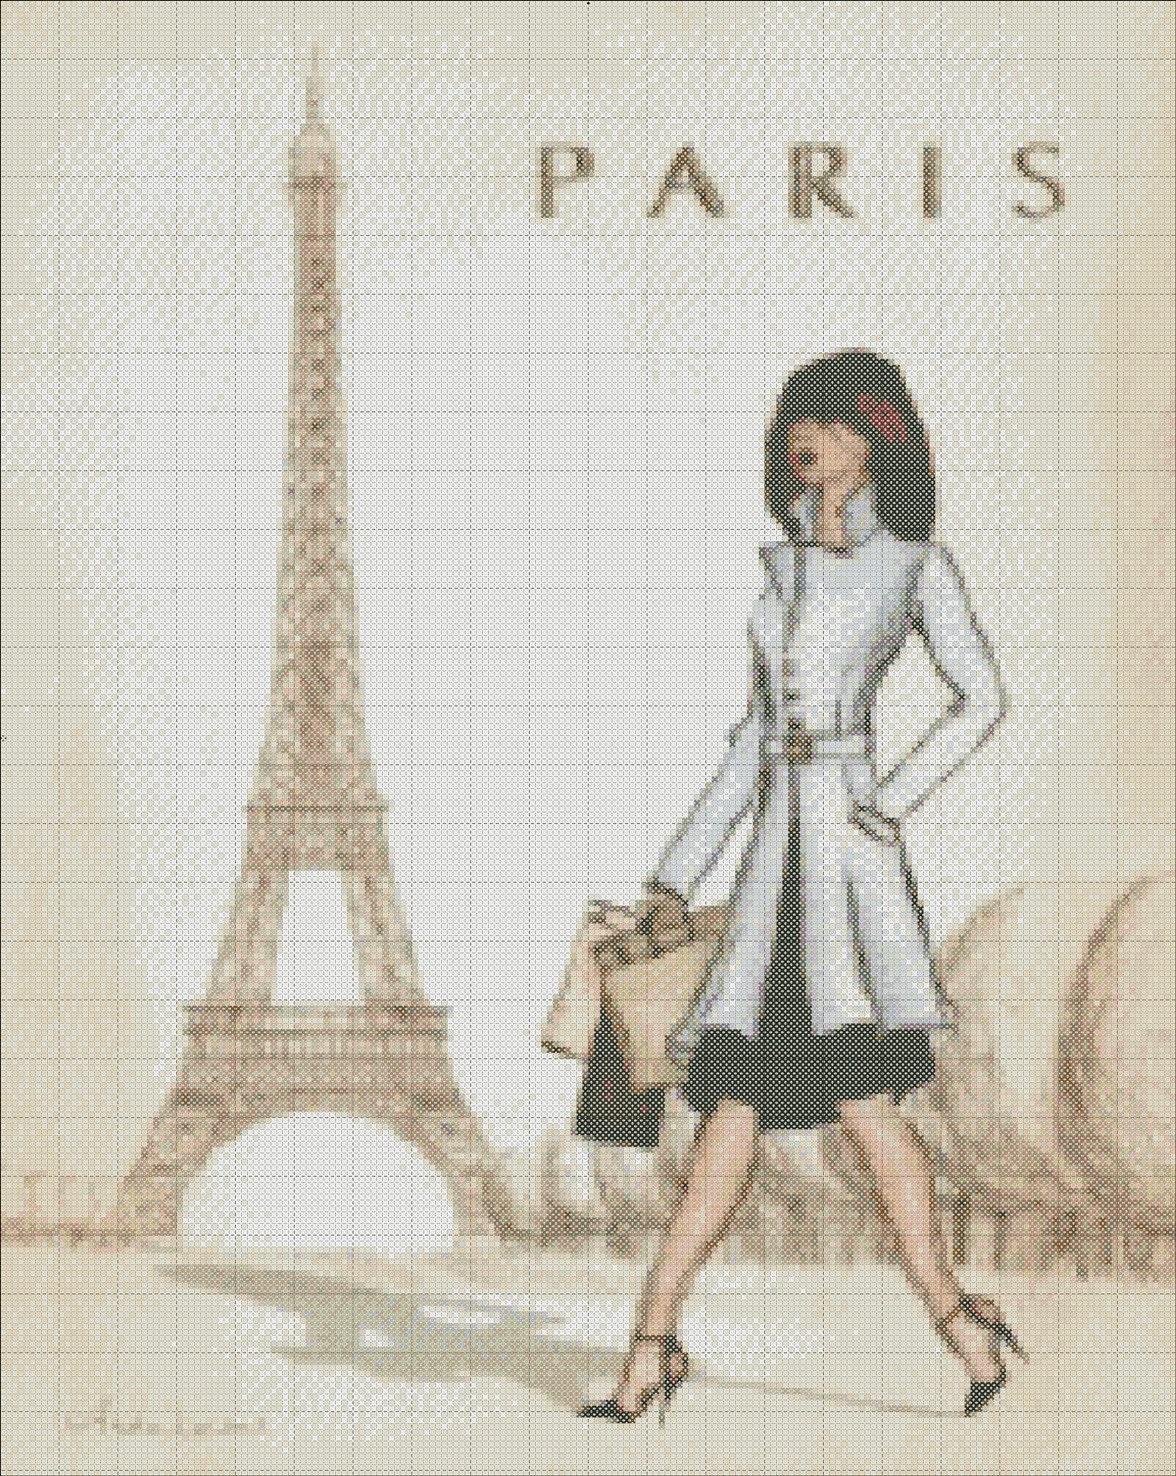 Париж парижские девушки города Handmade PDF Cross Stitch Pattern вязания крючком Афганские ручная вышивка иглой Craft